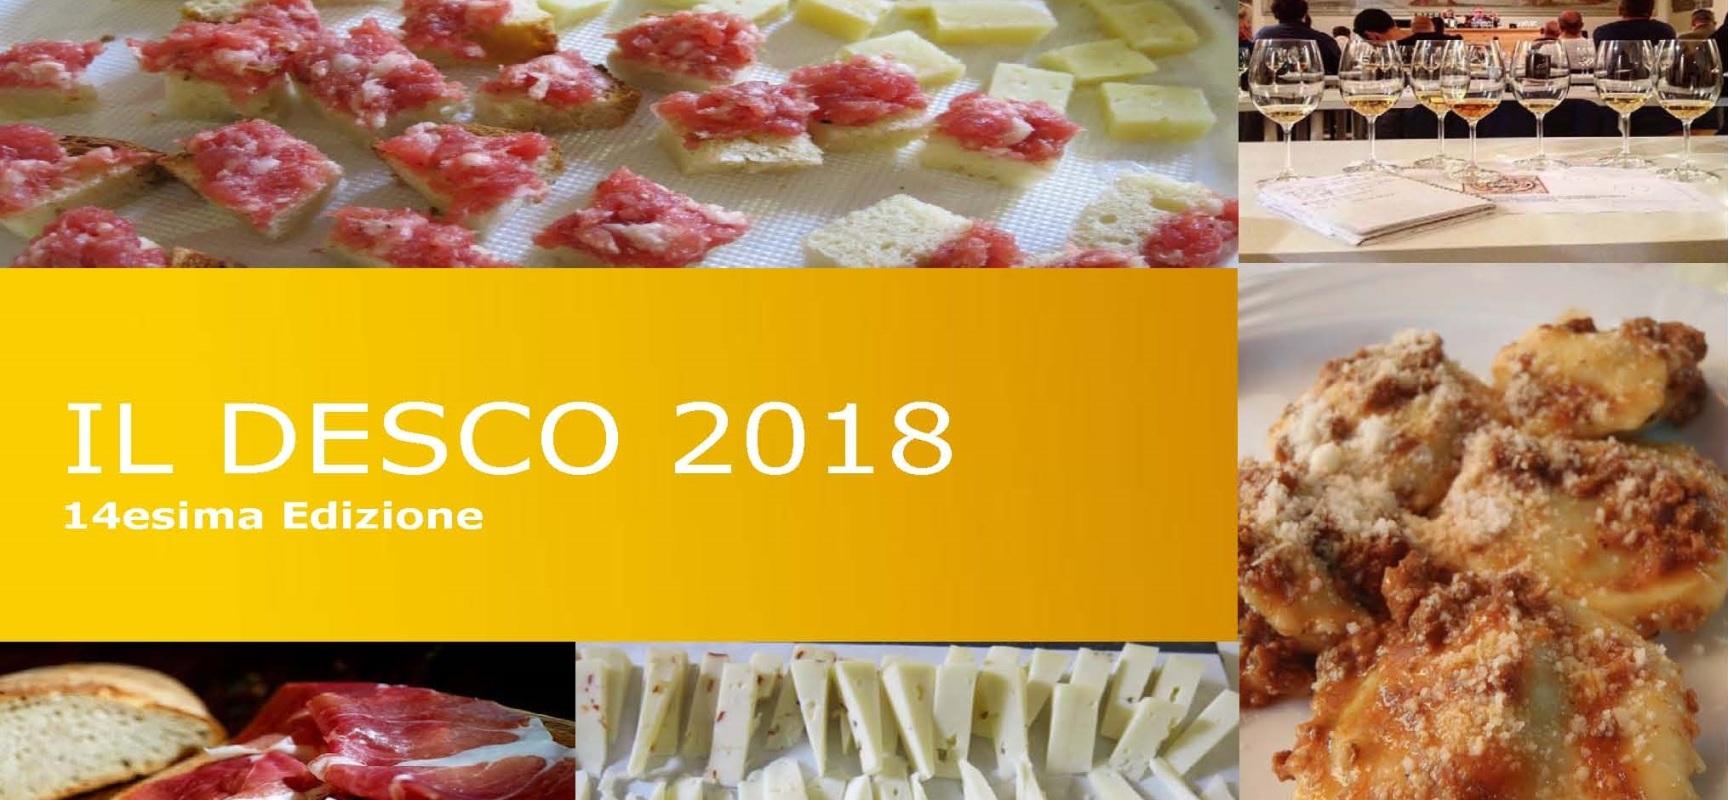 Il cibo e l'alimentazione in primo piano a Il Desco 2018